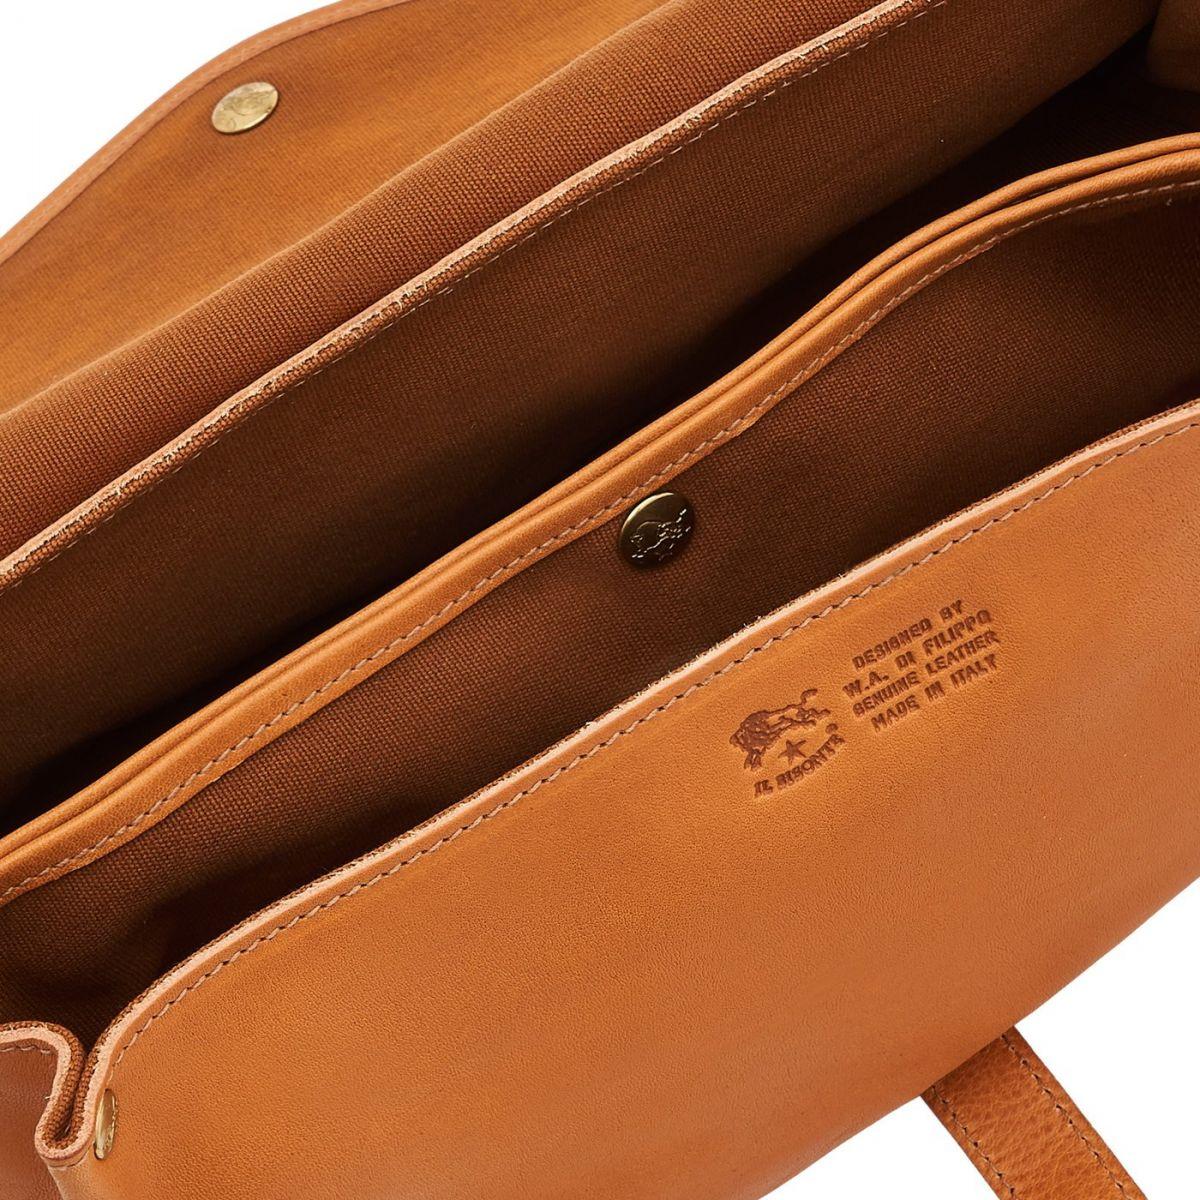 Women's Shoulder Bag in Vintage Cowhide Leather BSH034 color Natural | Details